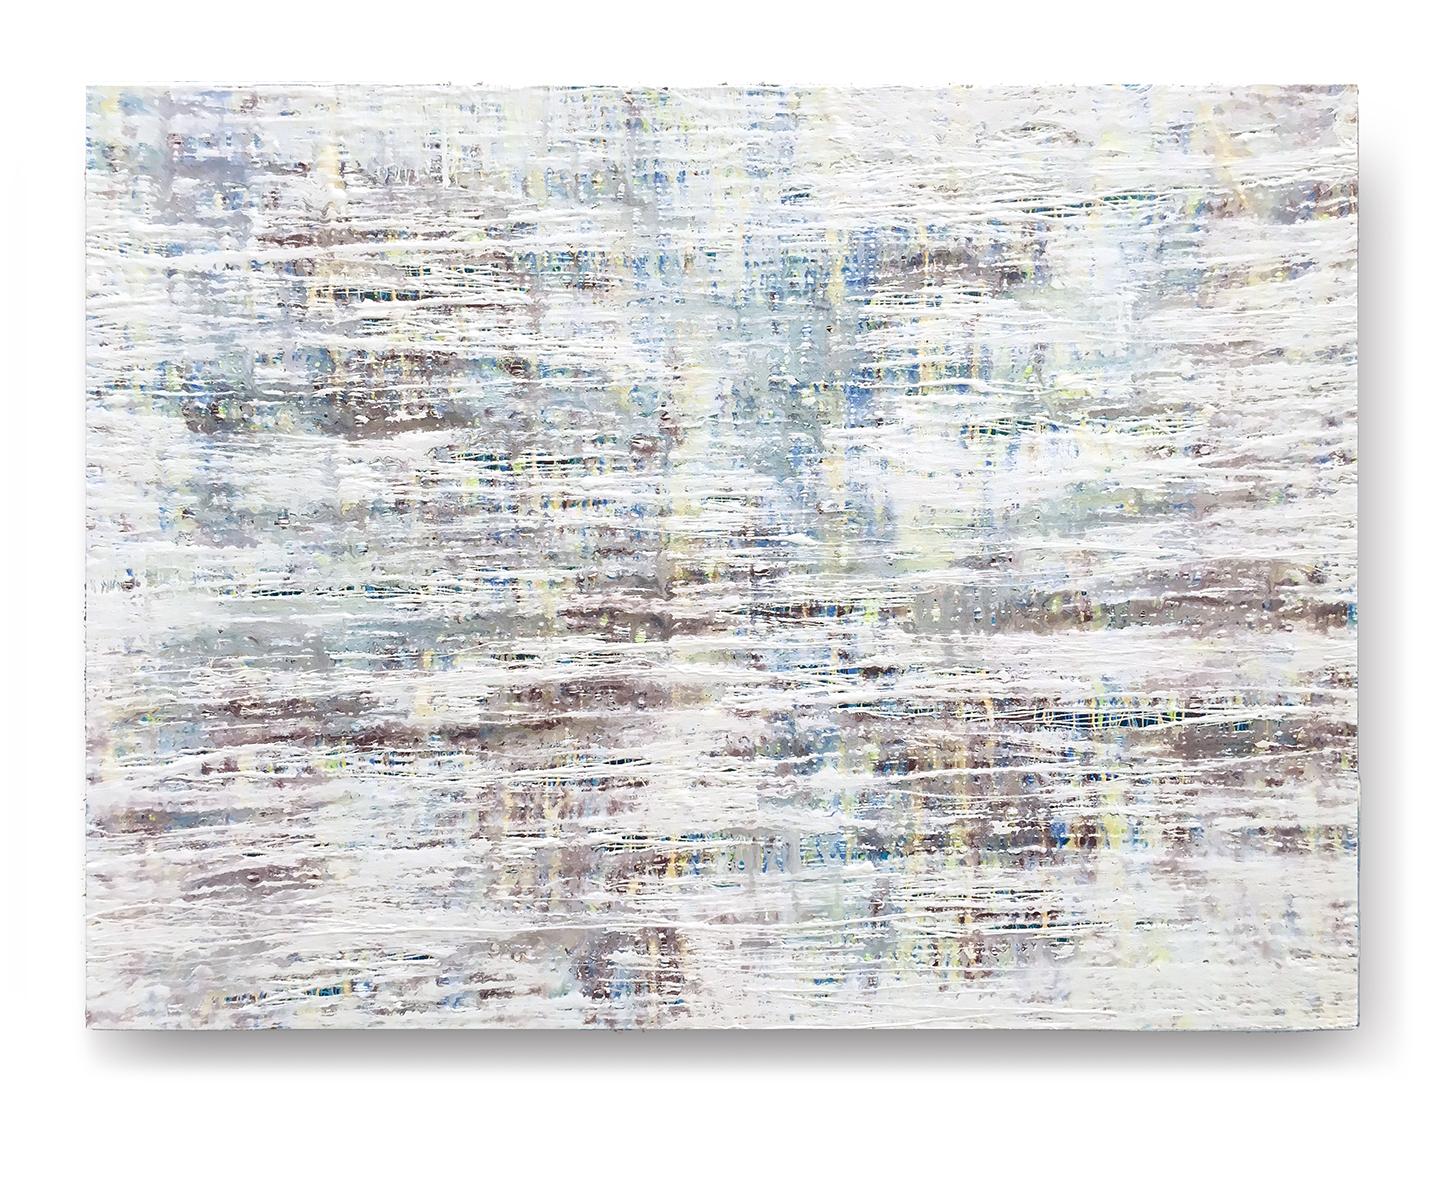 """Fluid Improvisation VII   oil on canvas  48"""" x 36""""  Canvas edge is painted  (1.5"""" deep)   $500"""